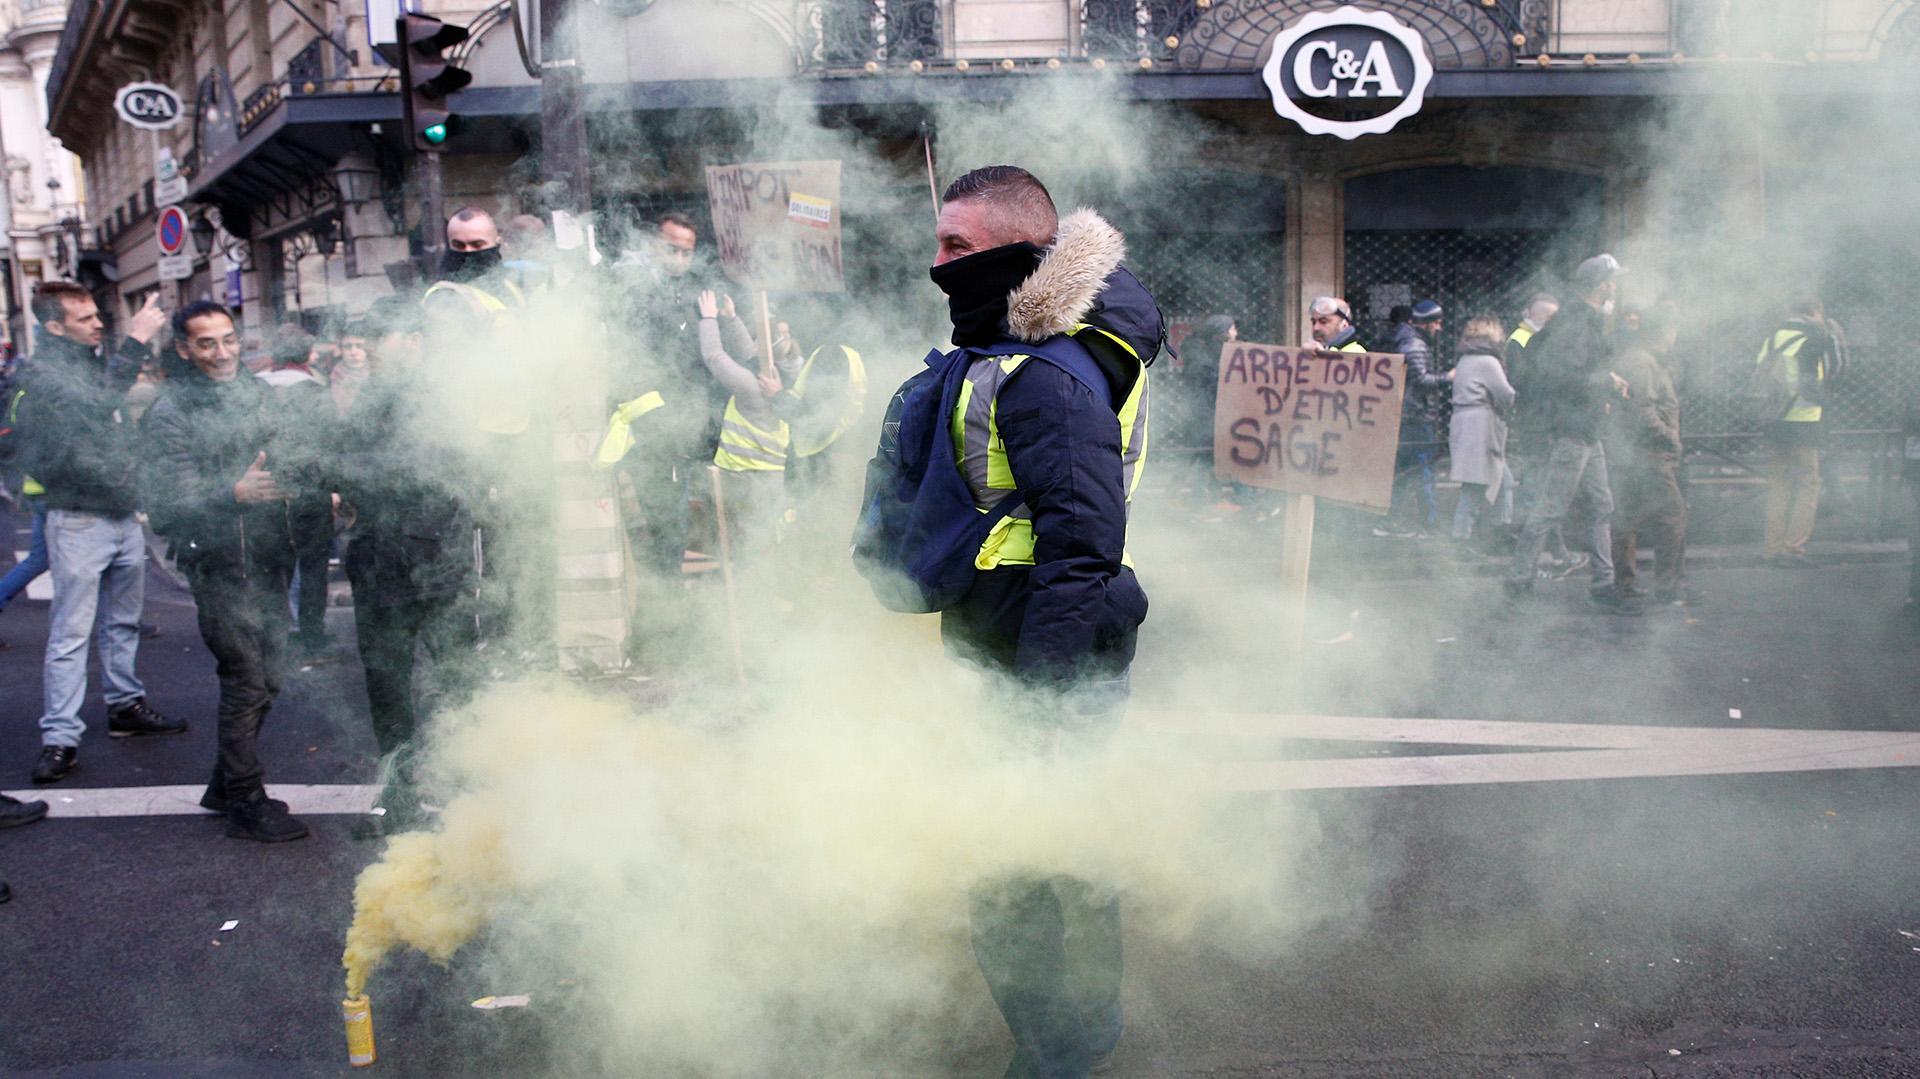 Cerca de 90.000 policías están movilizados en todo el territorio (REUTERS/Stephane Mahe)